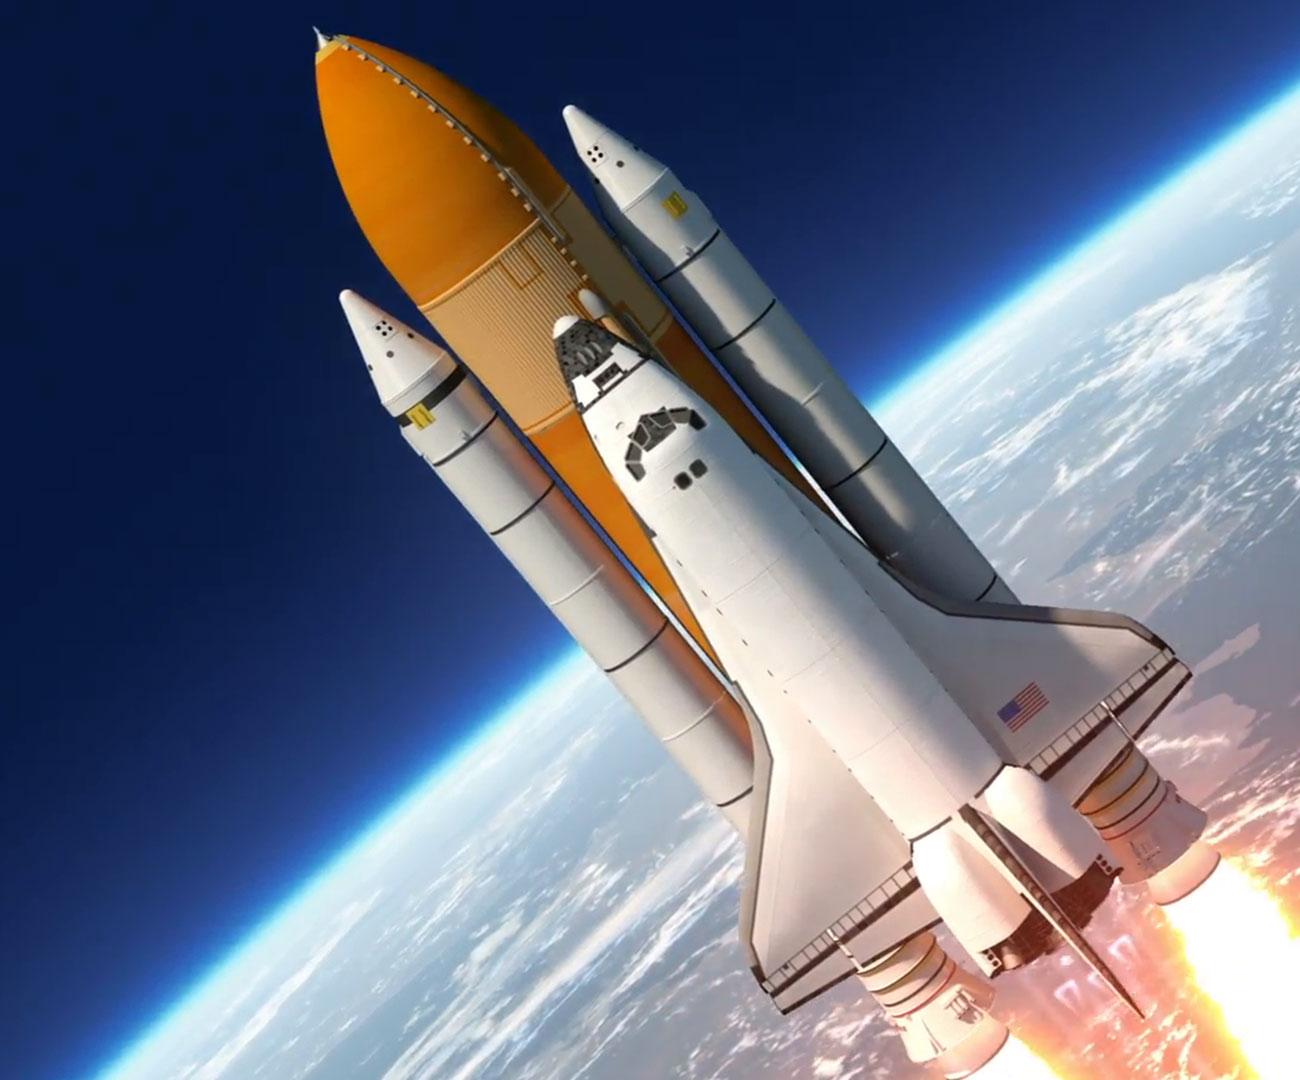 The-Shuttle-Main-Image-Safety-Training-Workshop2